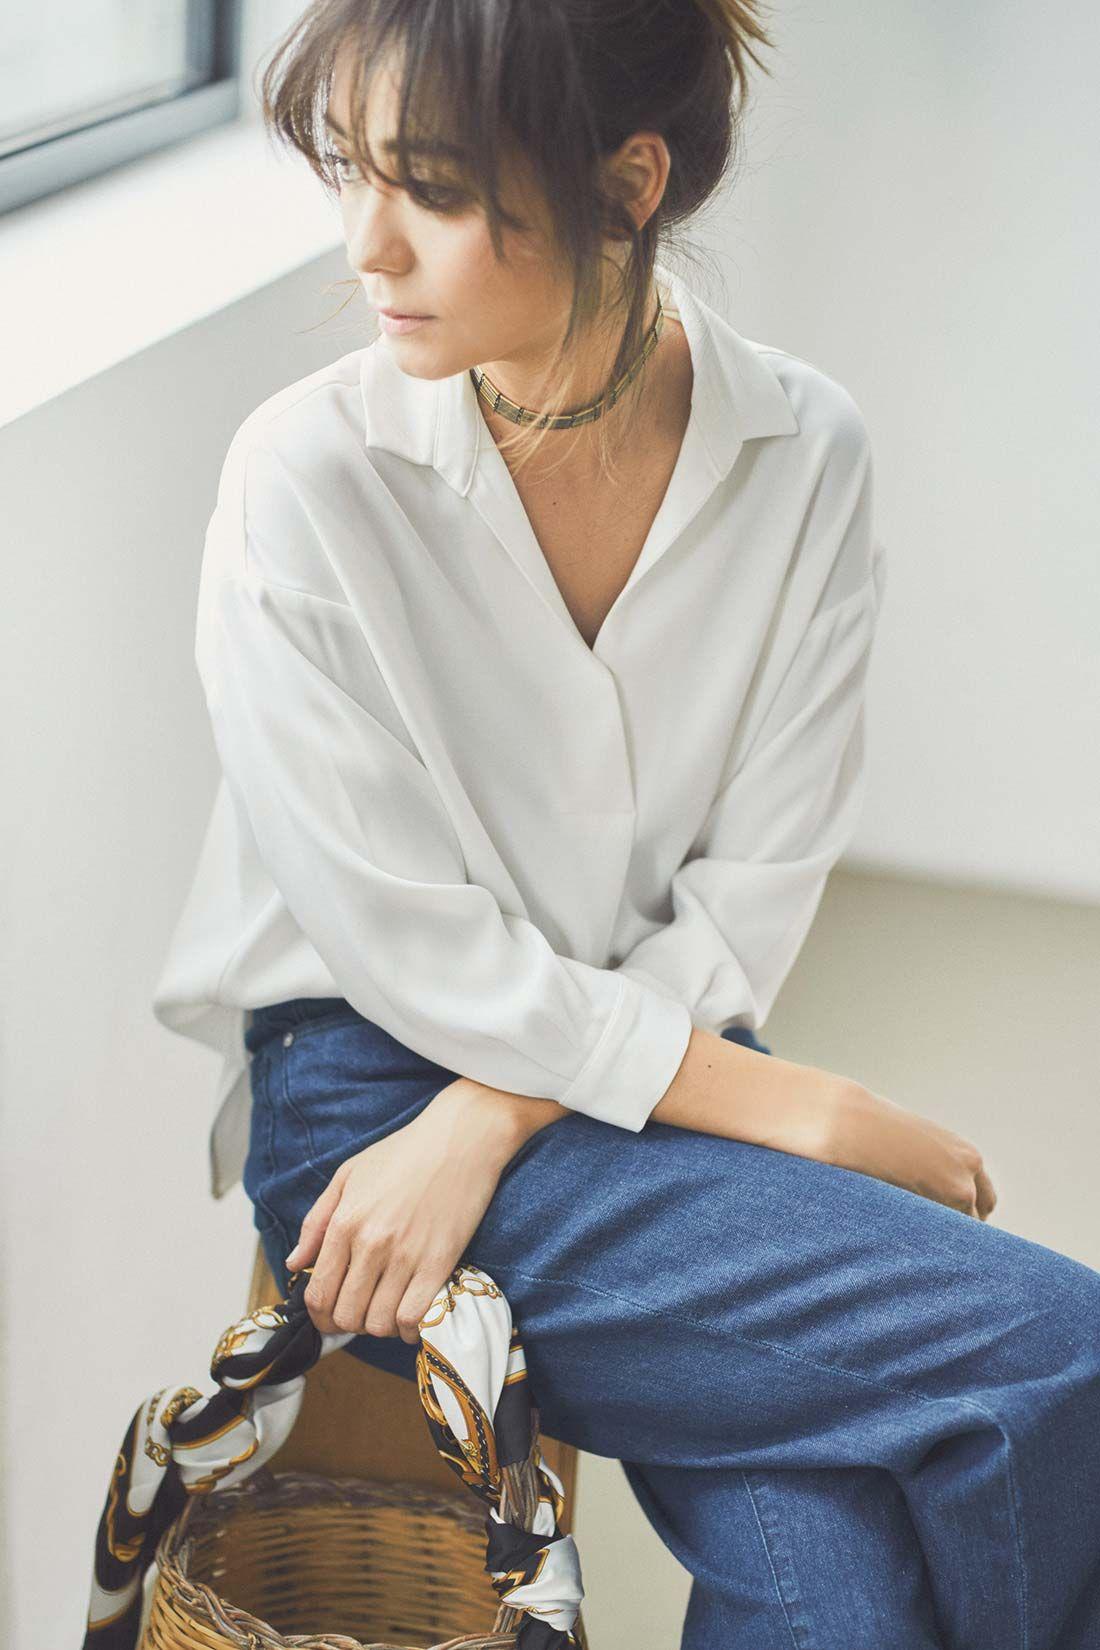 ieditレーベルコレクション とろみ素材で抜け感を演出するダブルクロスのゆるとろスキッパーブラウス ホワイト フェリシモ ファッションアイデア スキッパーブラウス 女性